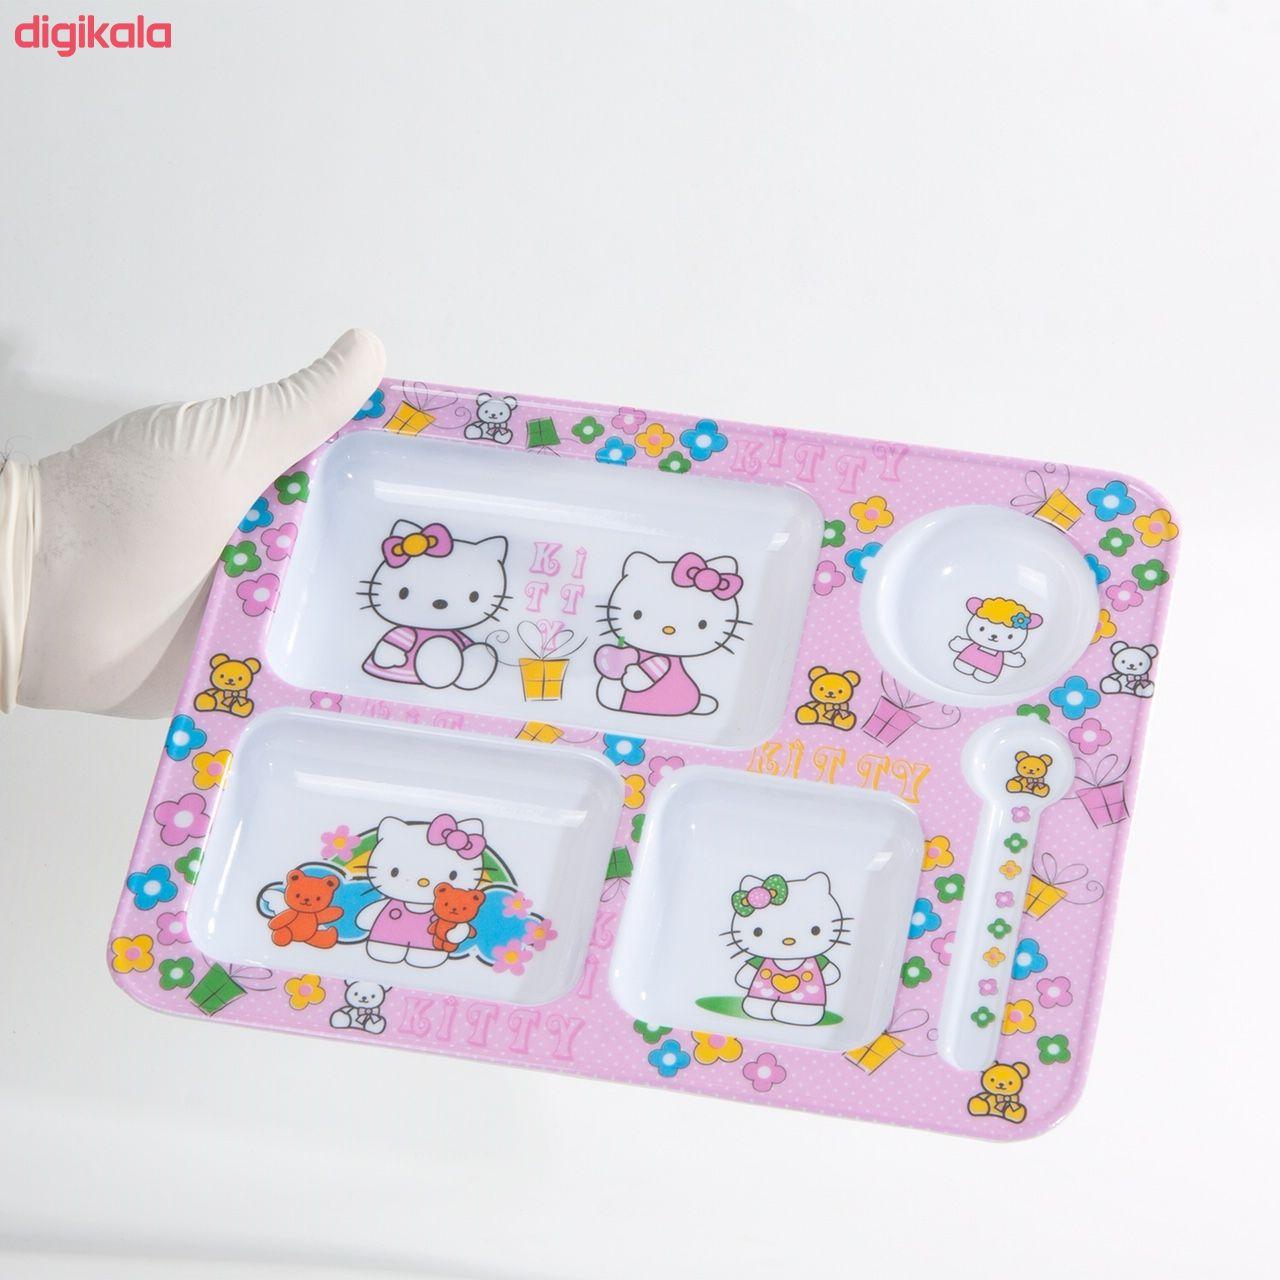 ظرف غذای کودک طرح Hello Kitty مدل 398 main 1 3